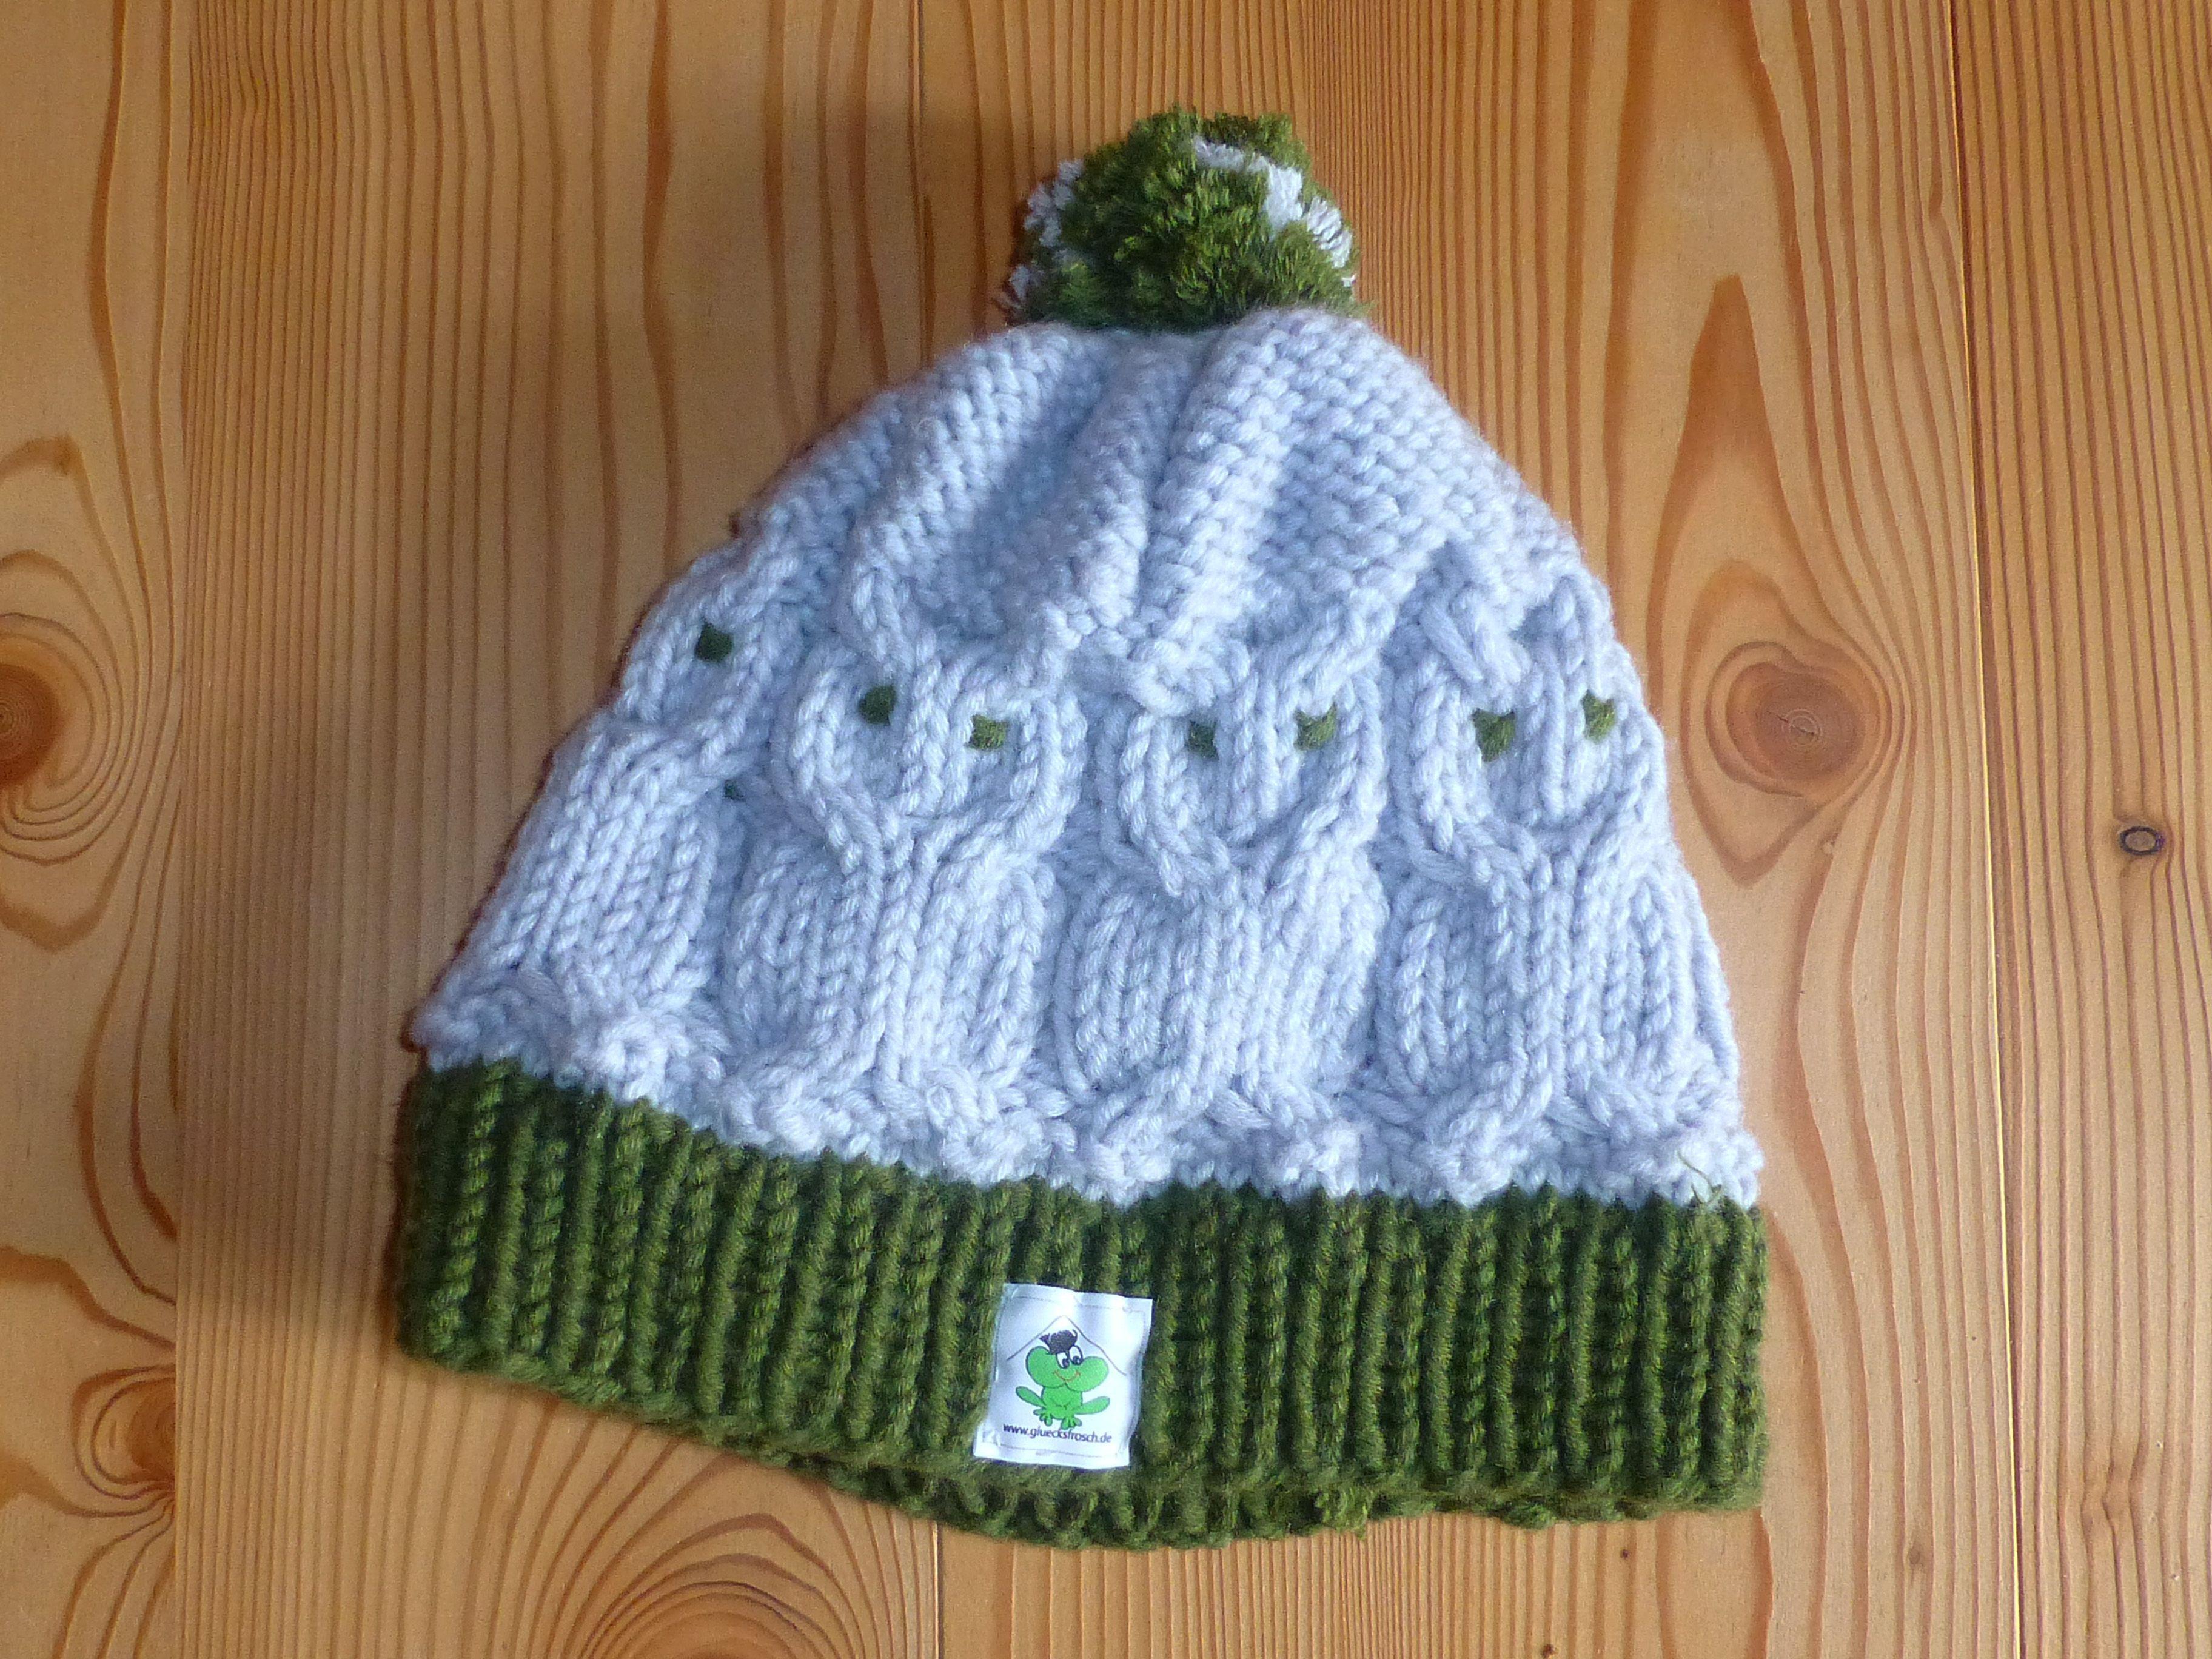 Mütze, von Hand gestrickt, Schurwolle, mit Eulenmotiv, vom Glücksfrosch, grau und moosgrün, mit Label www.gluecksfrosch.de